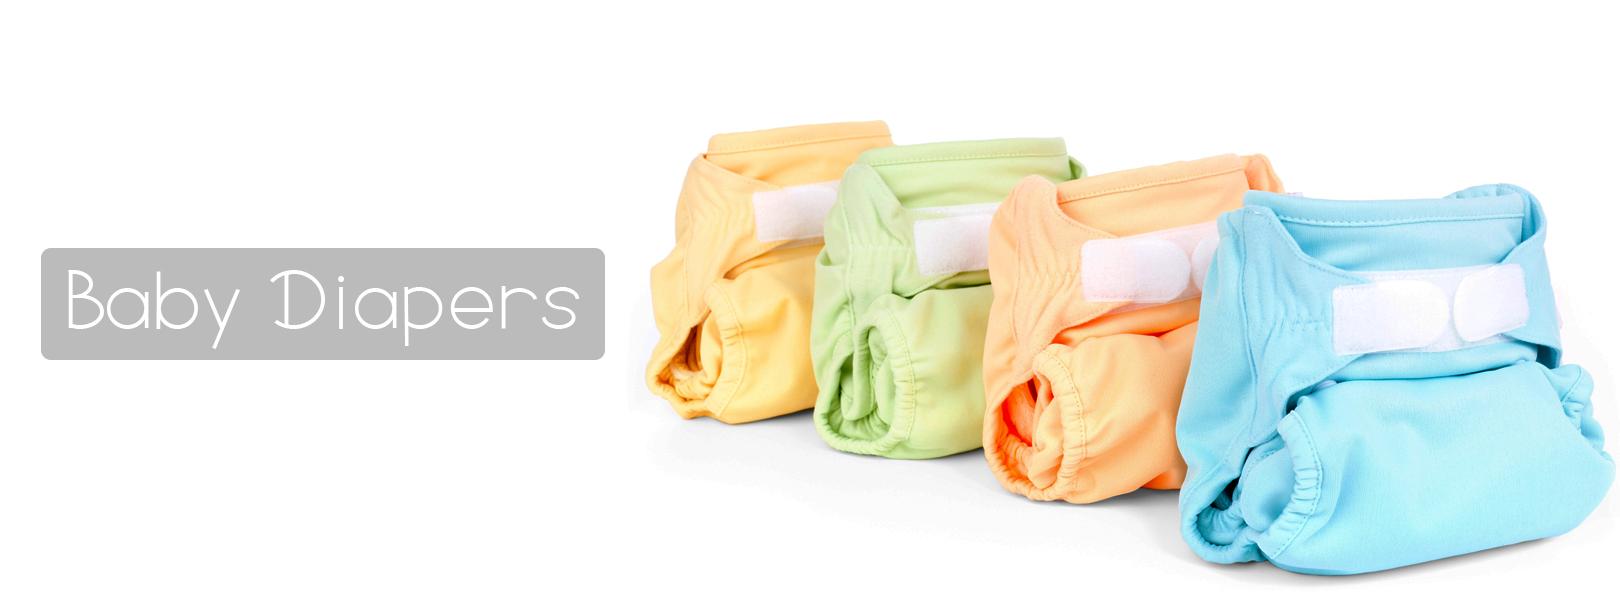 Flipkart Baby Diapers